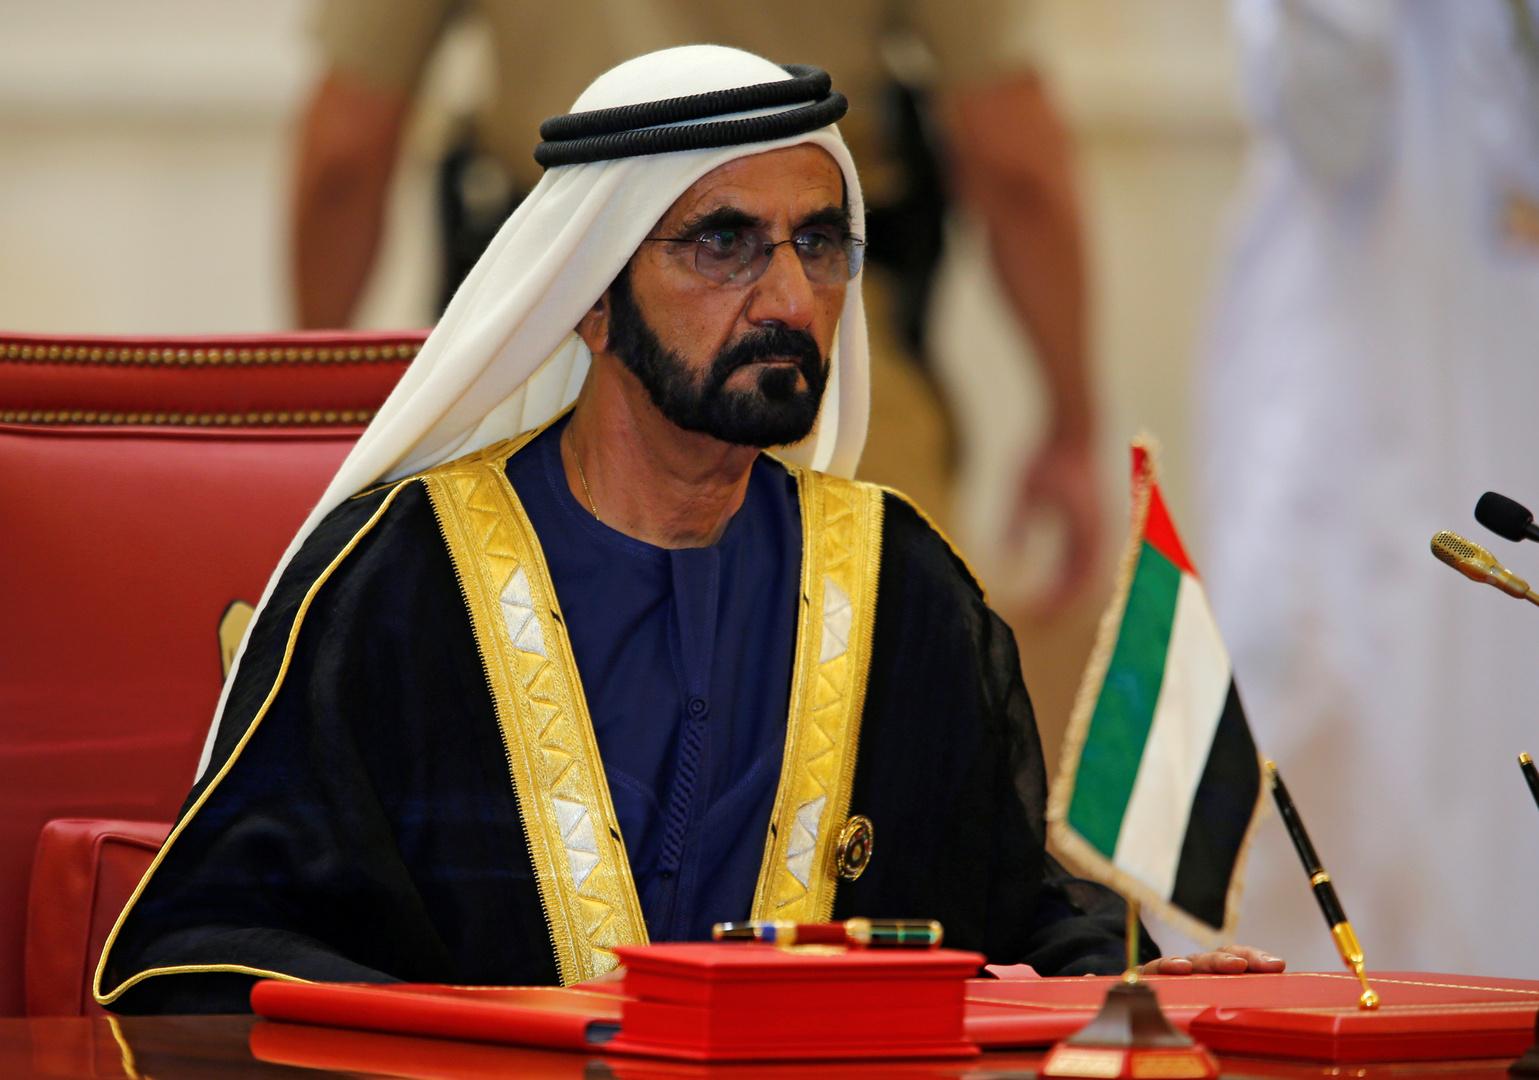 نائب رئيس دولة الإمارات يتوجه إلى المملكة العربية السعودية لحضور القمة الخليجية